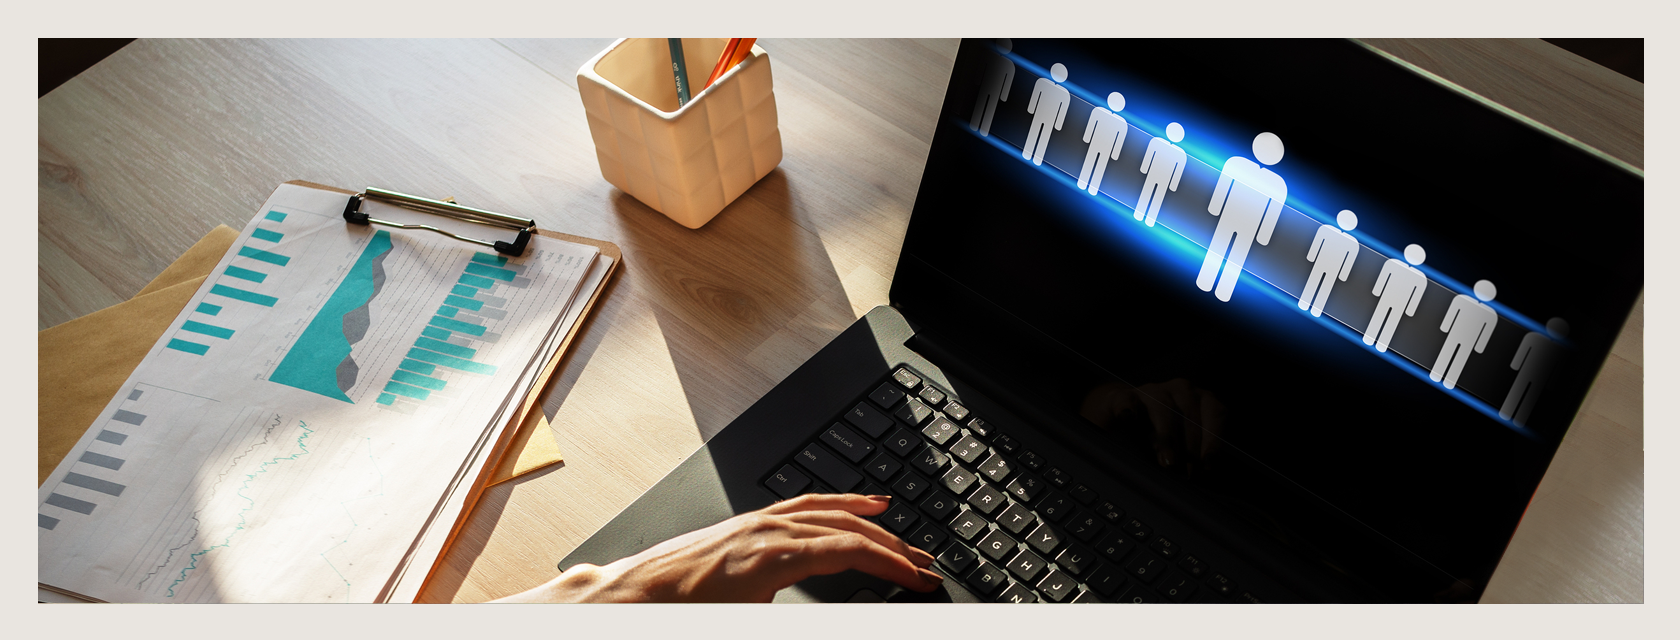 Contratação por demanda: saiba como admitir empregados por períodos específicos